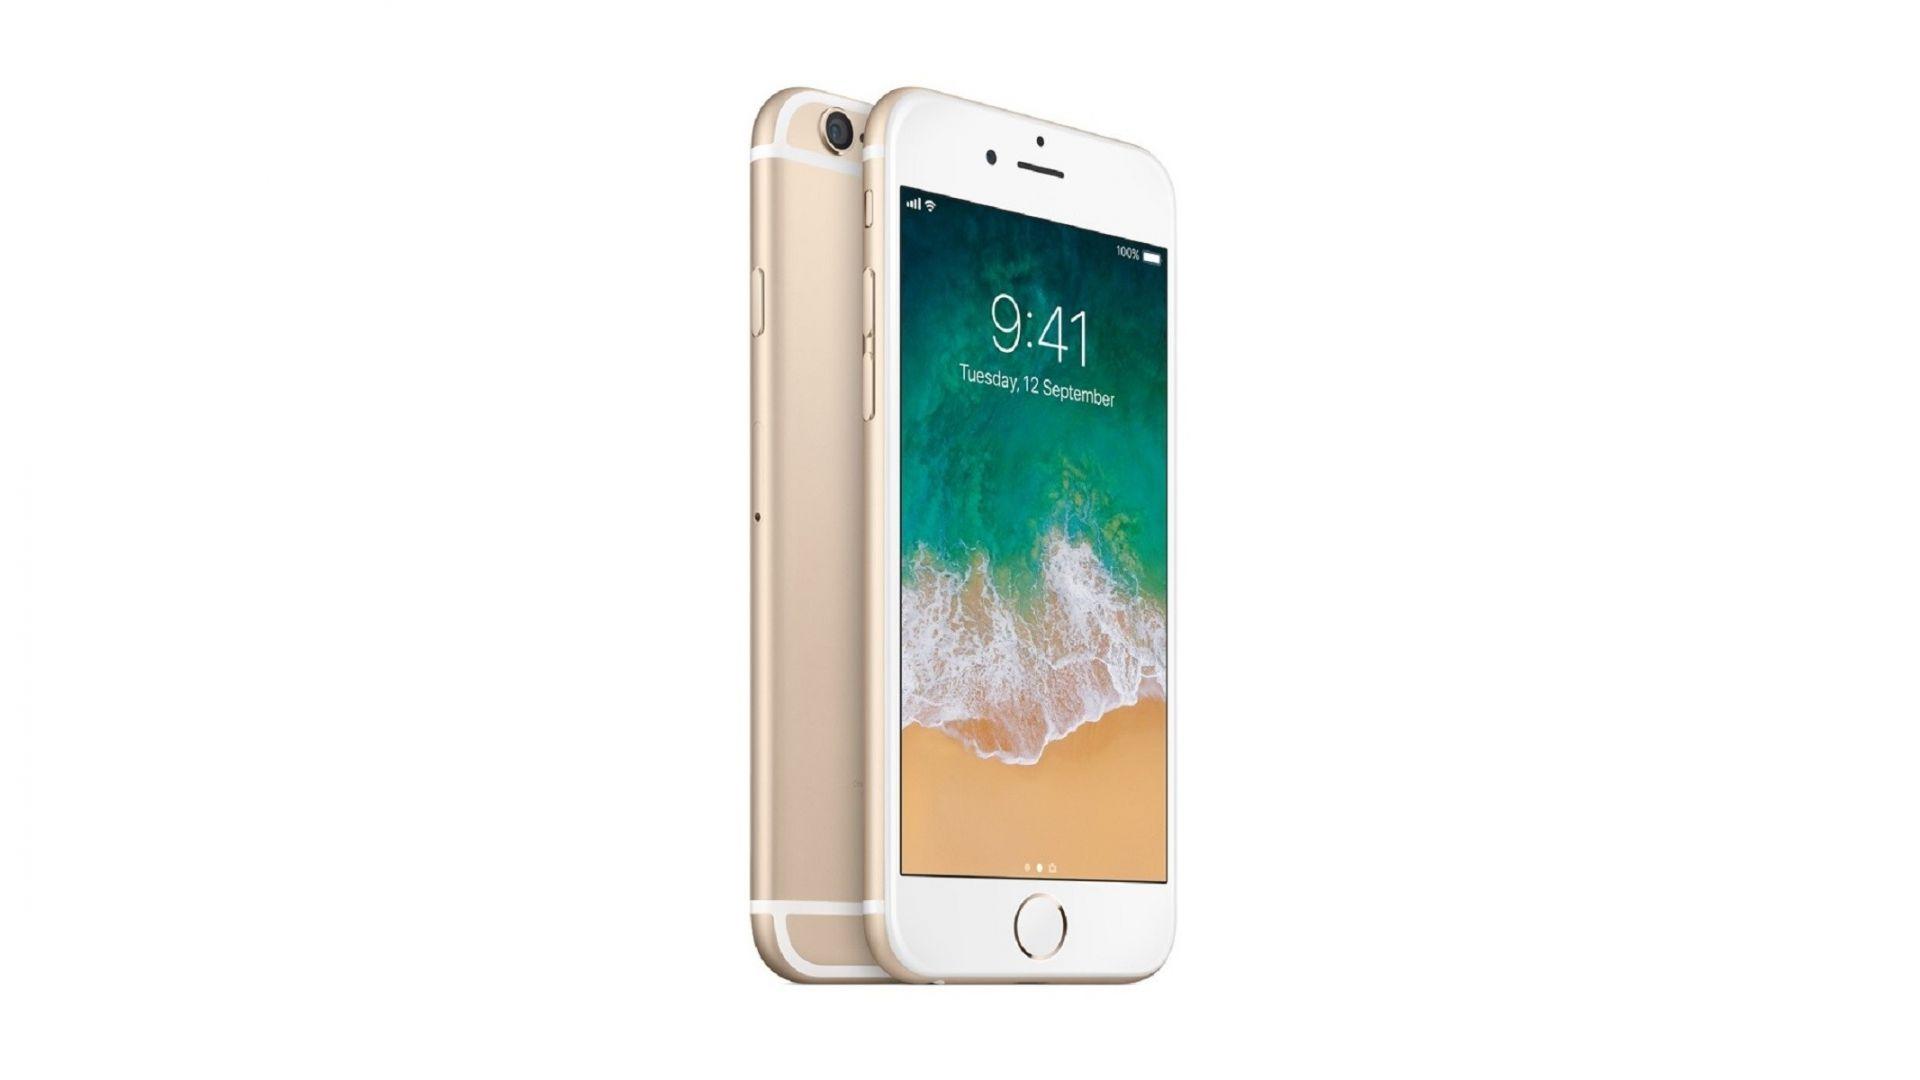 iPhone 6 се взриви в ръцете на момиче